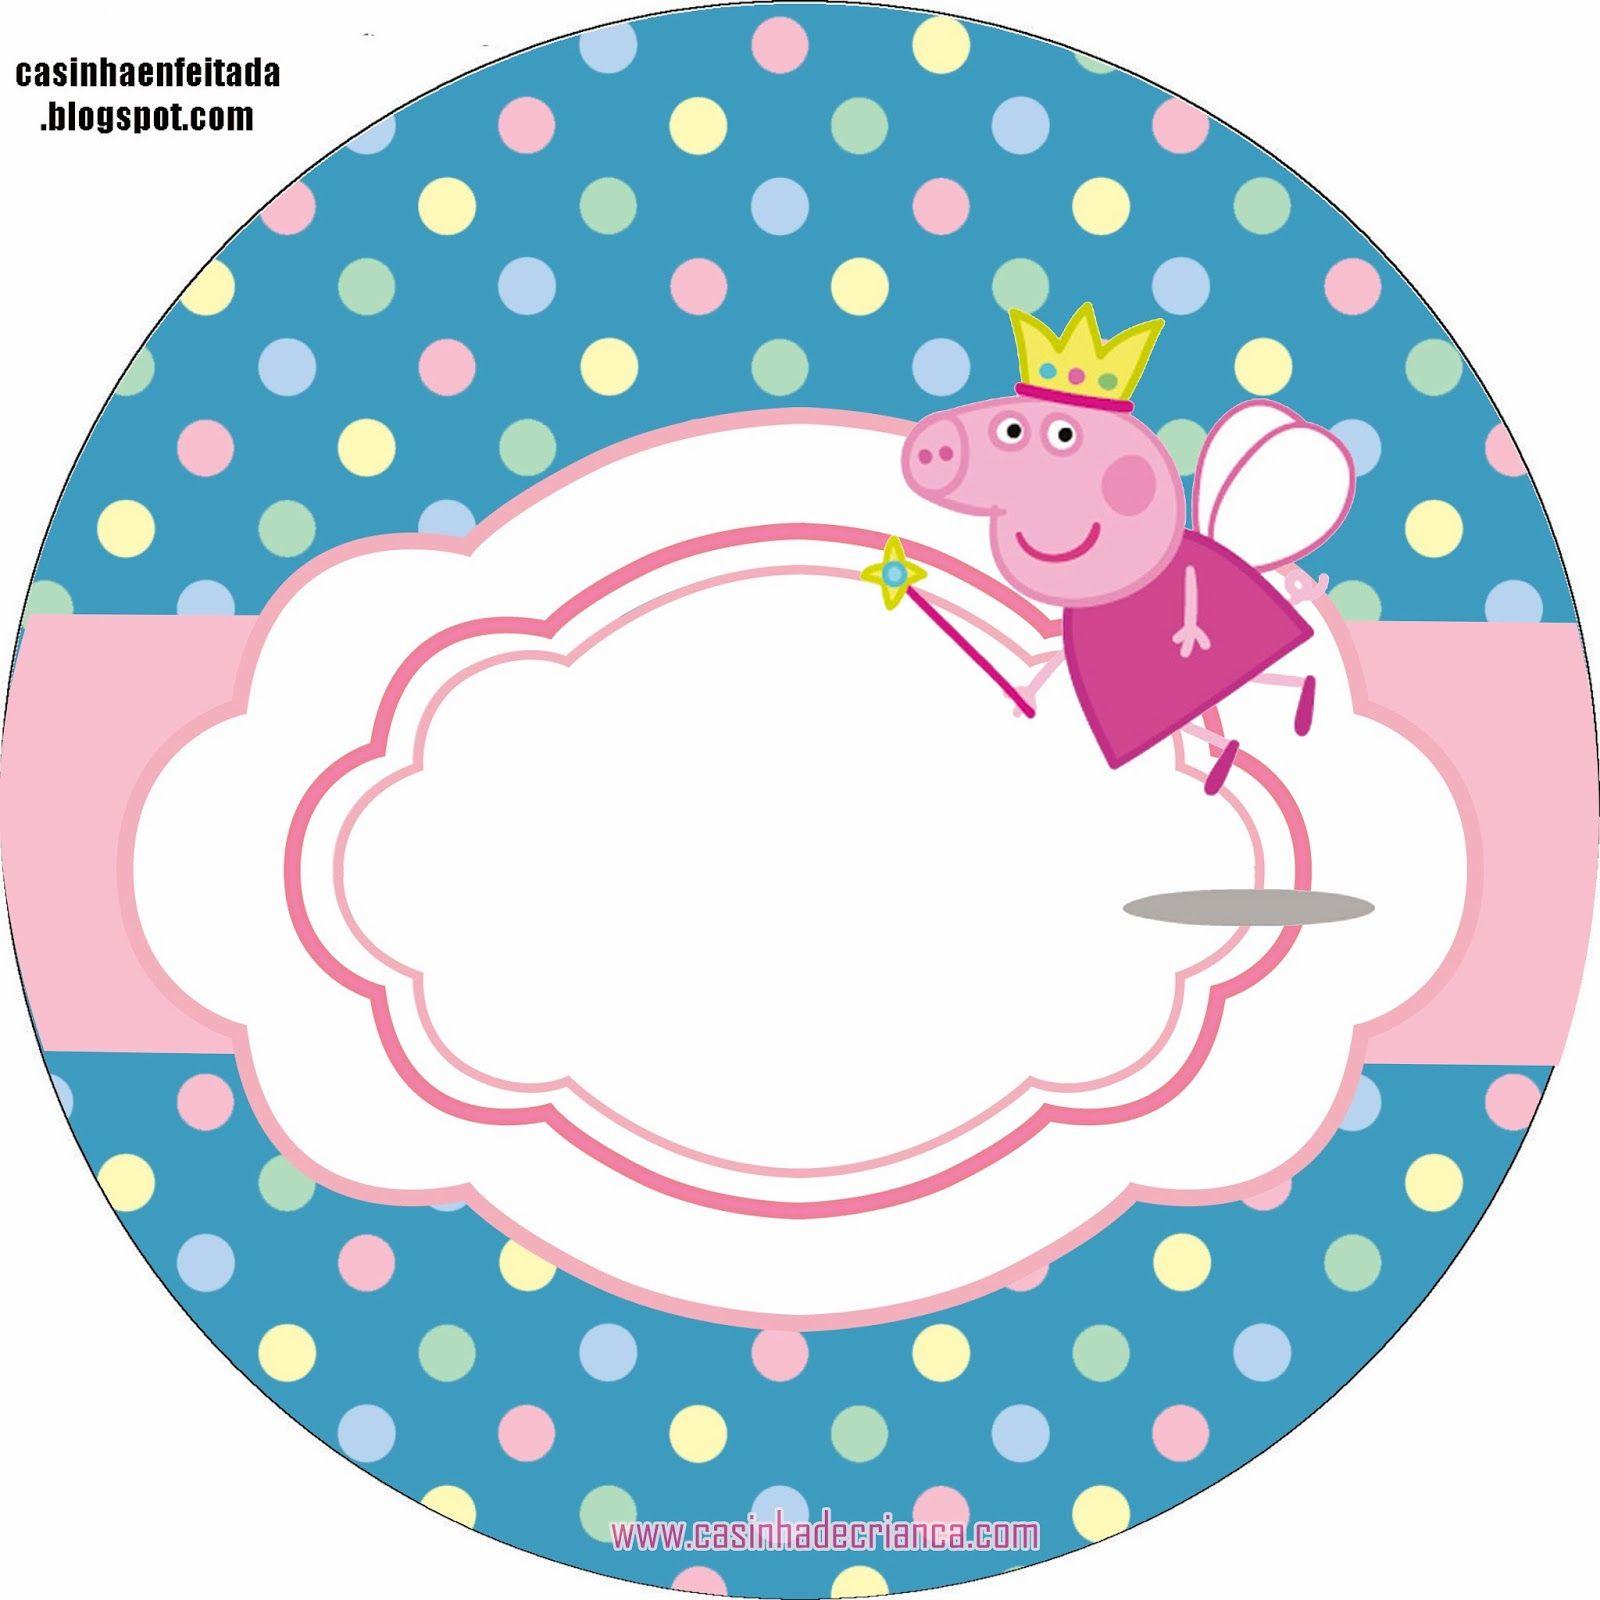 Casinha de Criança: Kit Festa Peppa Pig Para Imprimir Grátis